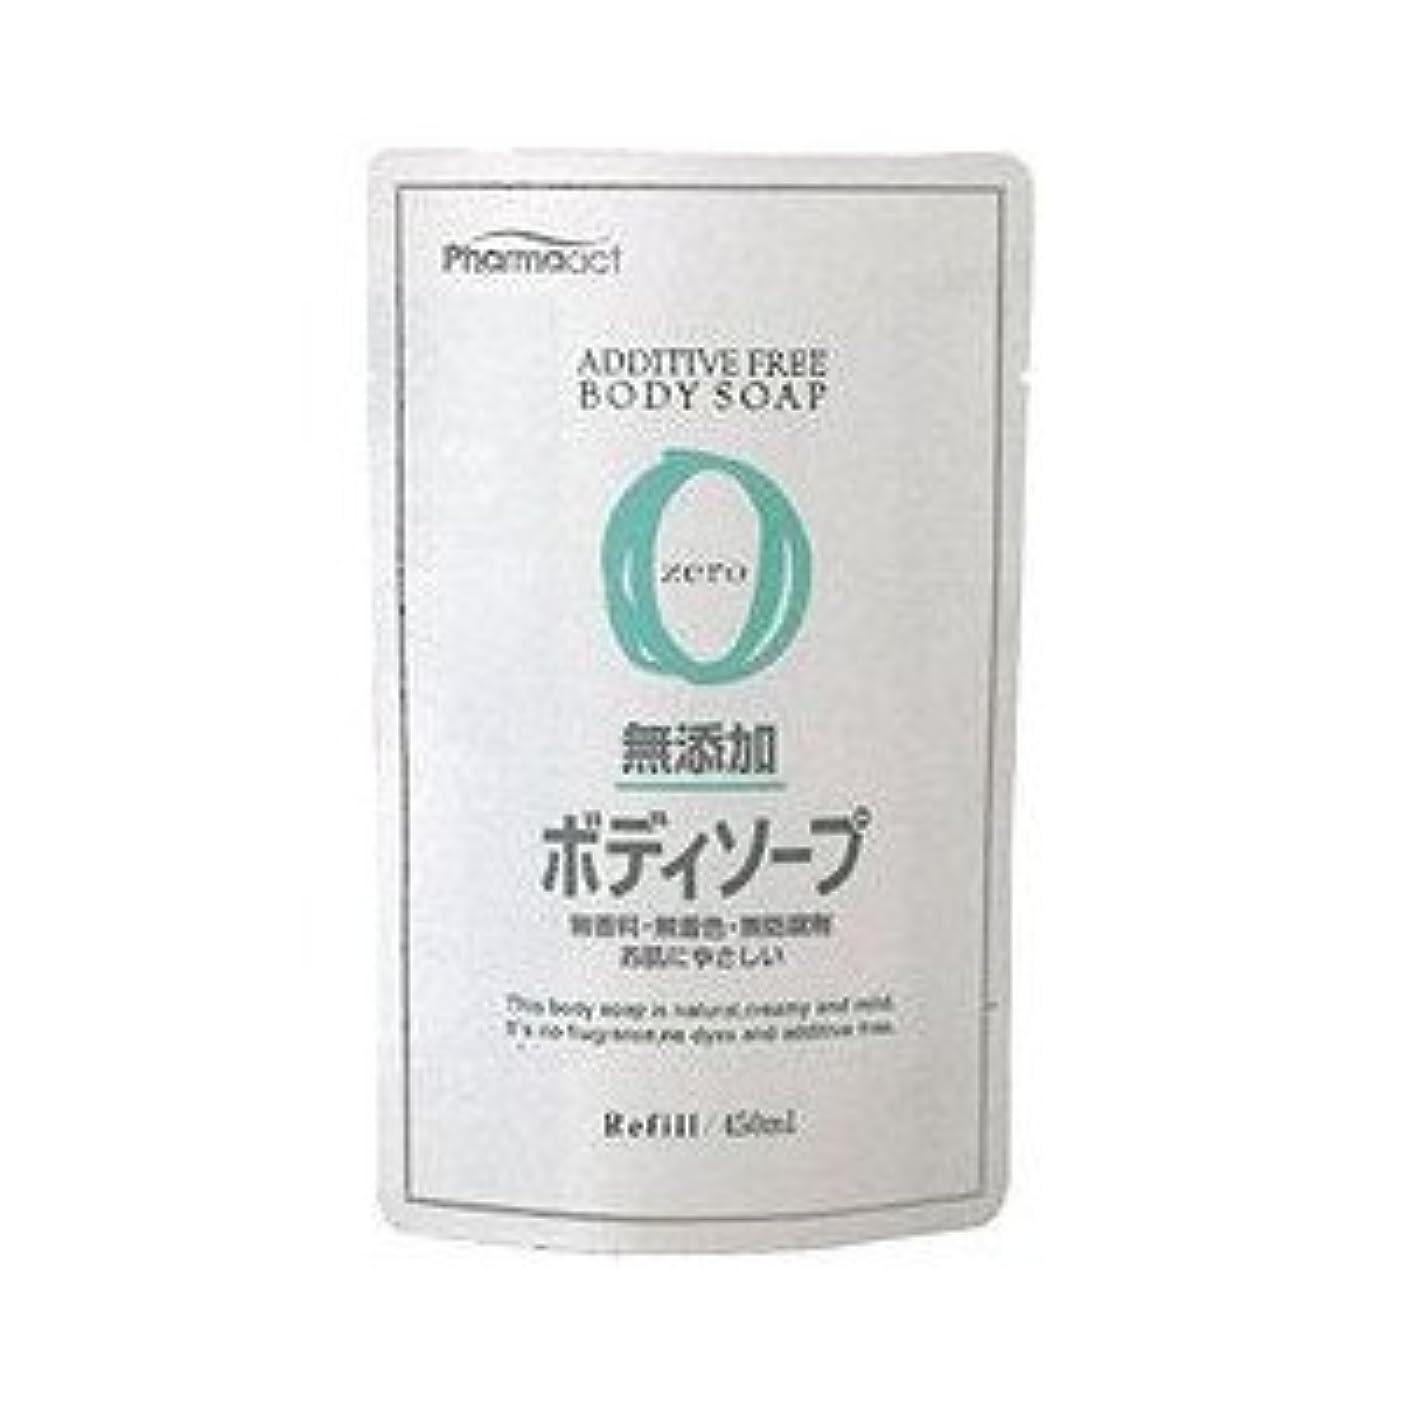 遺伝的失業者構想する熊野油脂 ファーマアクト 無添加ボディソープ つめかえ用 450ml×24点セット  香料・着色料・防腐剤は使用しておりません